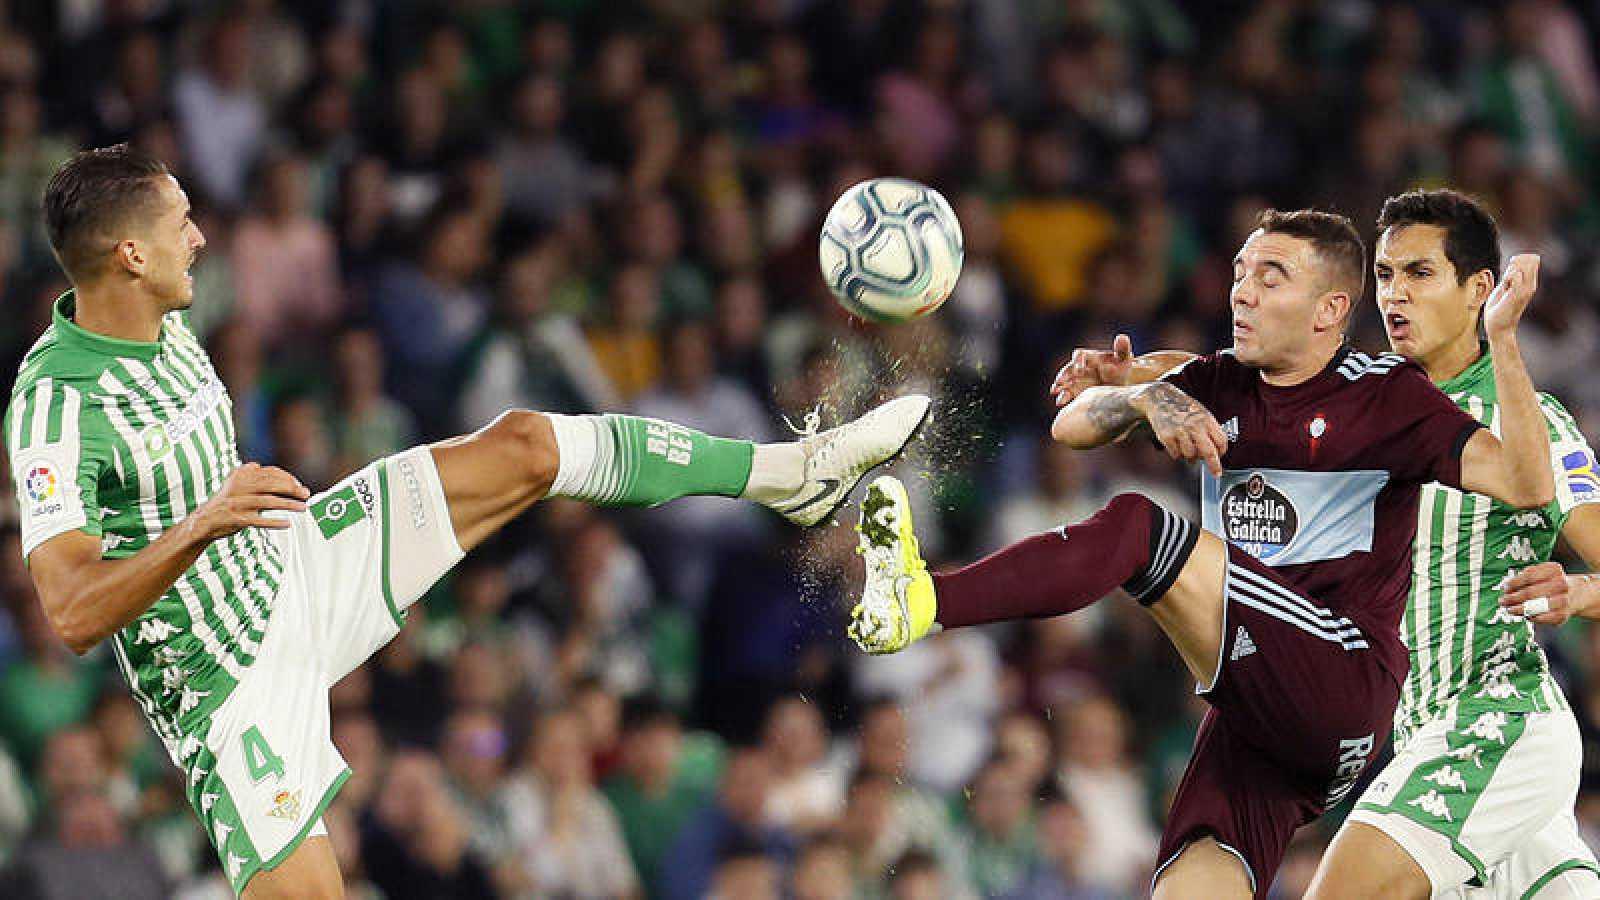 El delantero del Celta Iago Aspas y el defensa del Betis Zouhair Feddal.